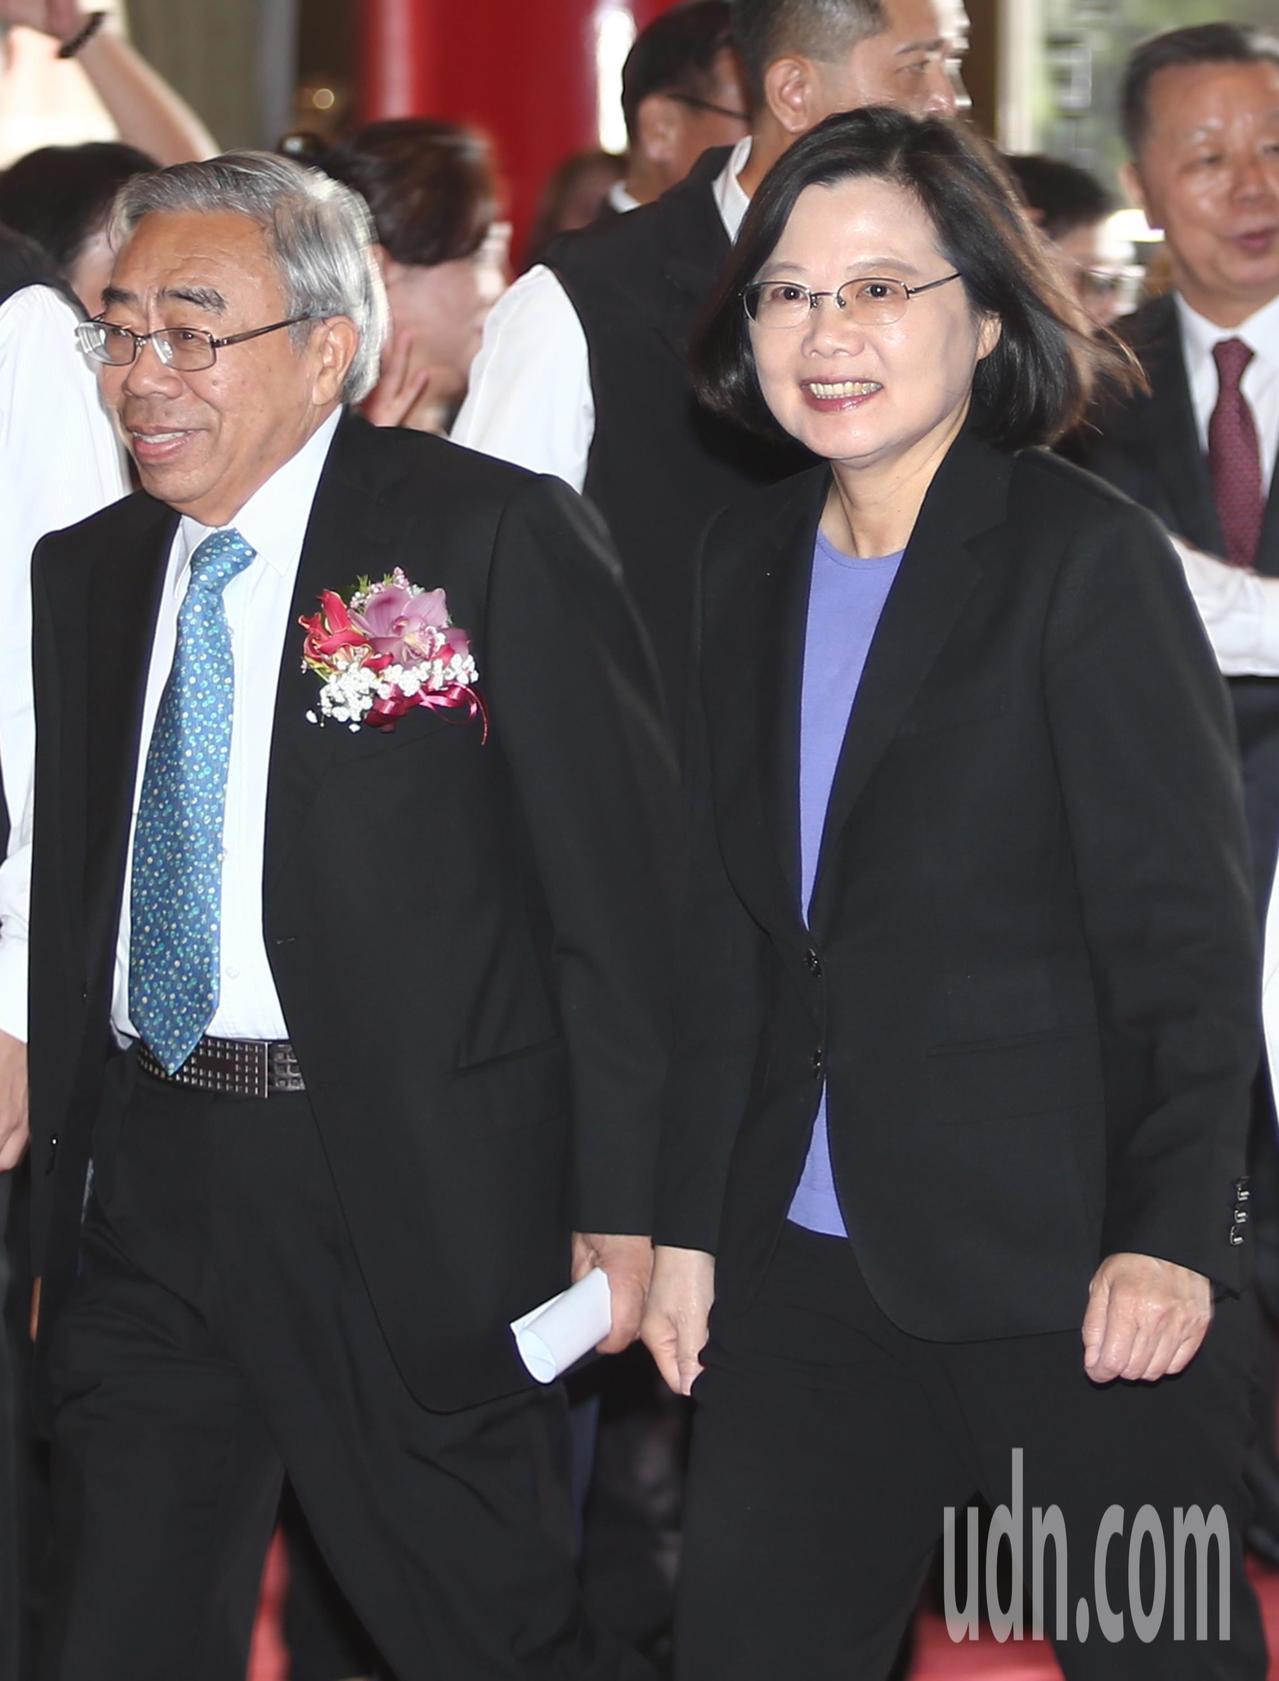 蔡英文總統(右)下午在工總理事長王文淵(左)陪同下出席「第72屆工業節大會」致詞...